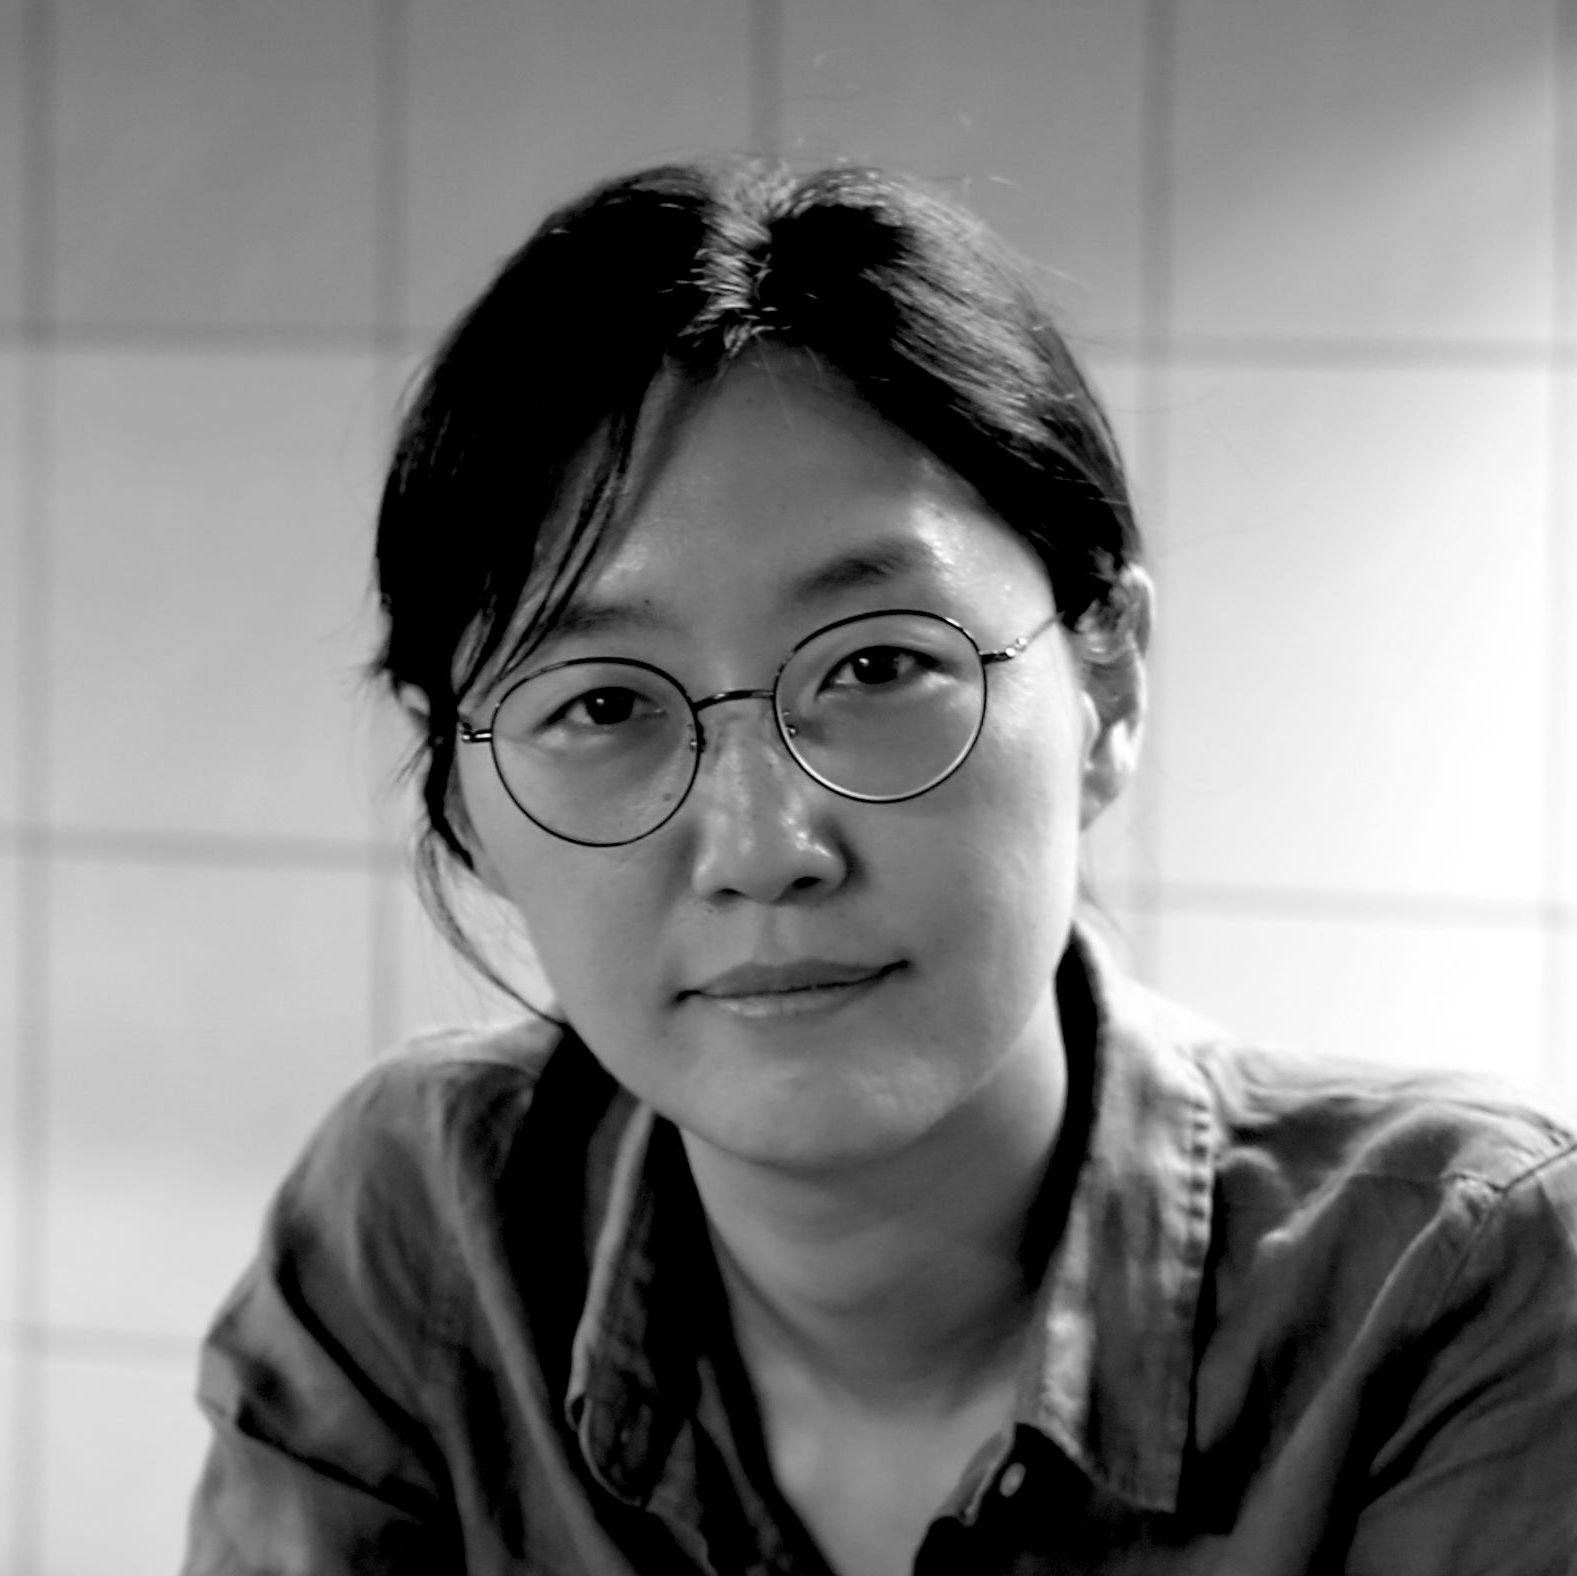 Kim Dongryung